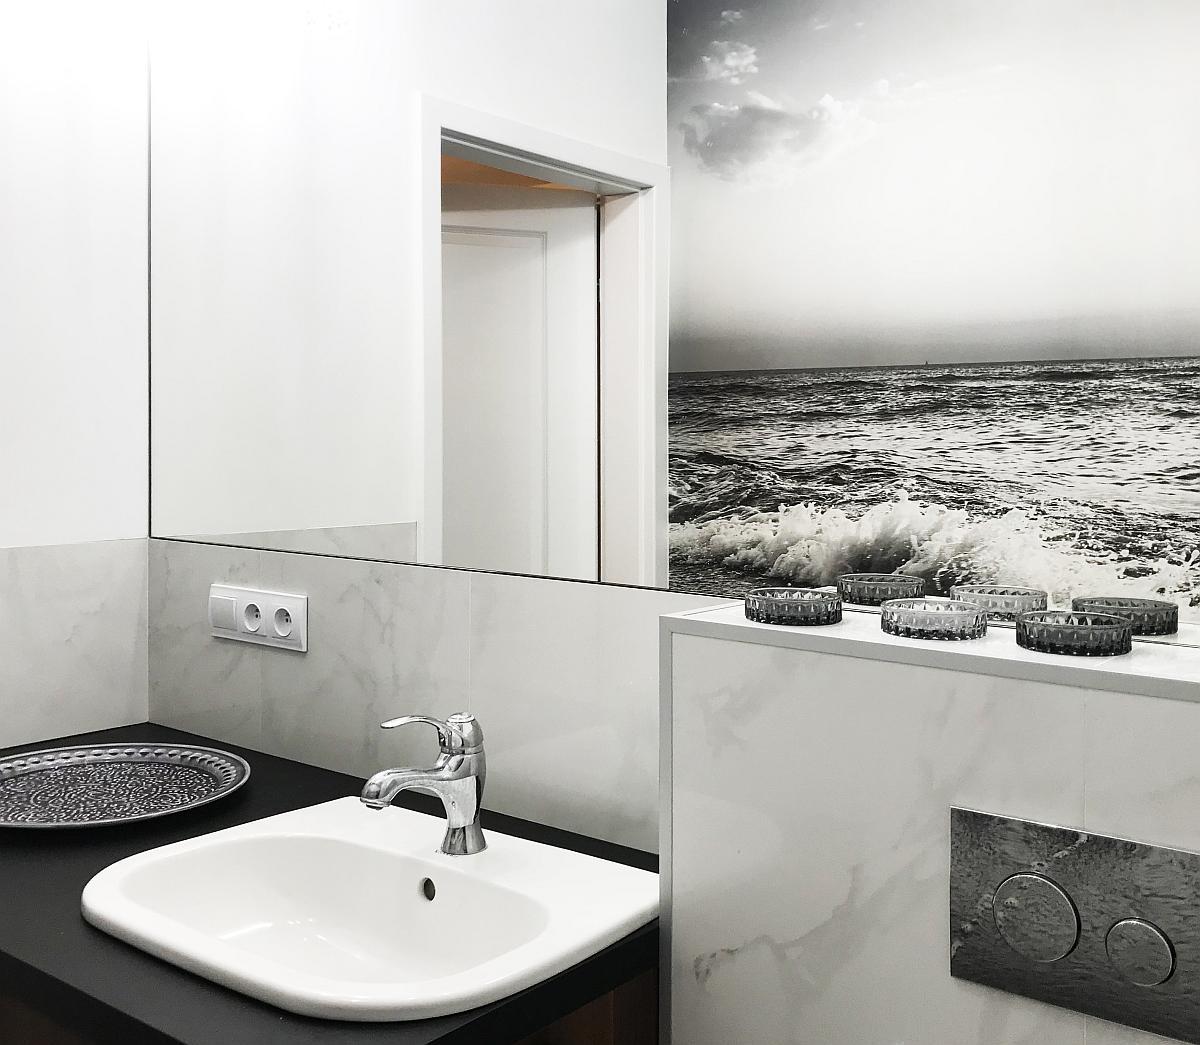 Wąska łazienka Nie Taka Straszna Porady Lazienkapluspl